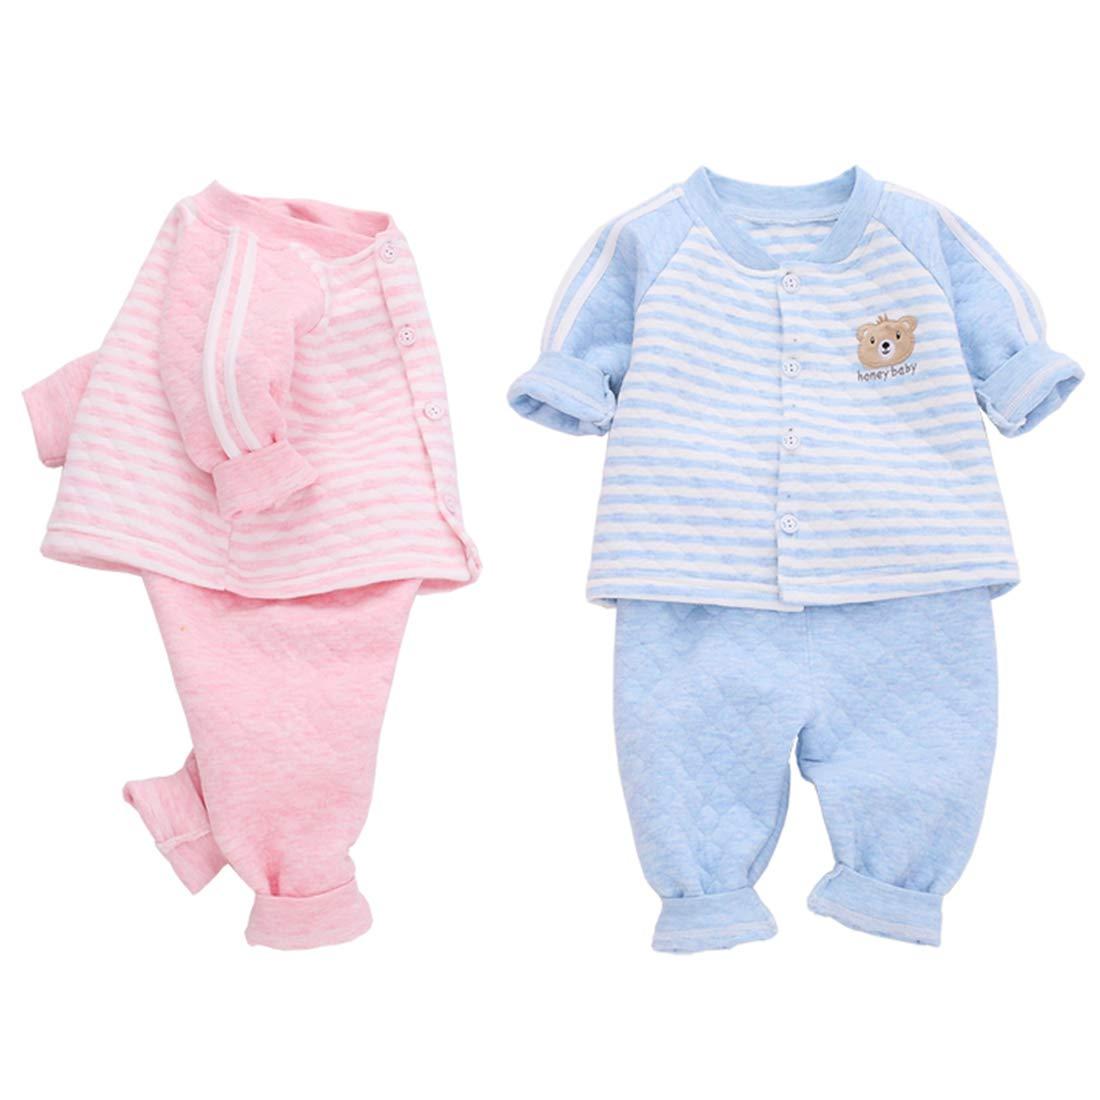 PAUBOLI Toddler Organic Cotton Pajamas 2 Pieces Set Warm Baby Play and Sleep Suit